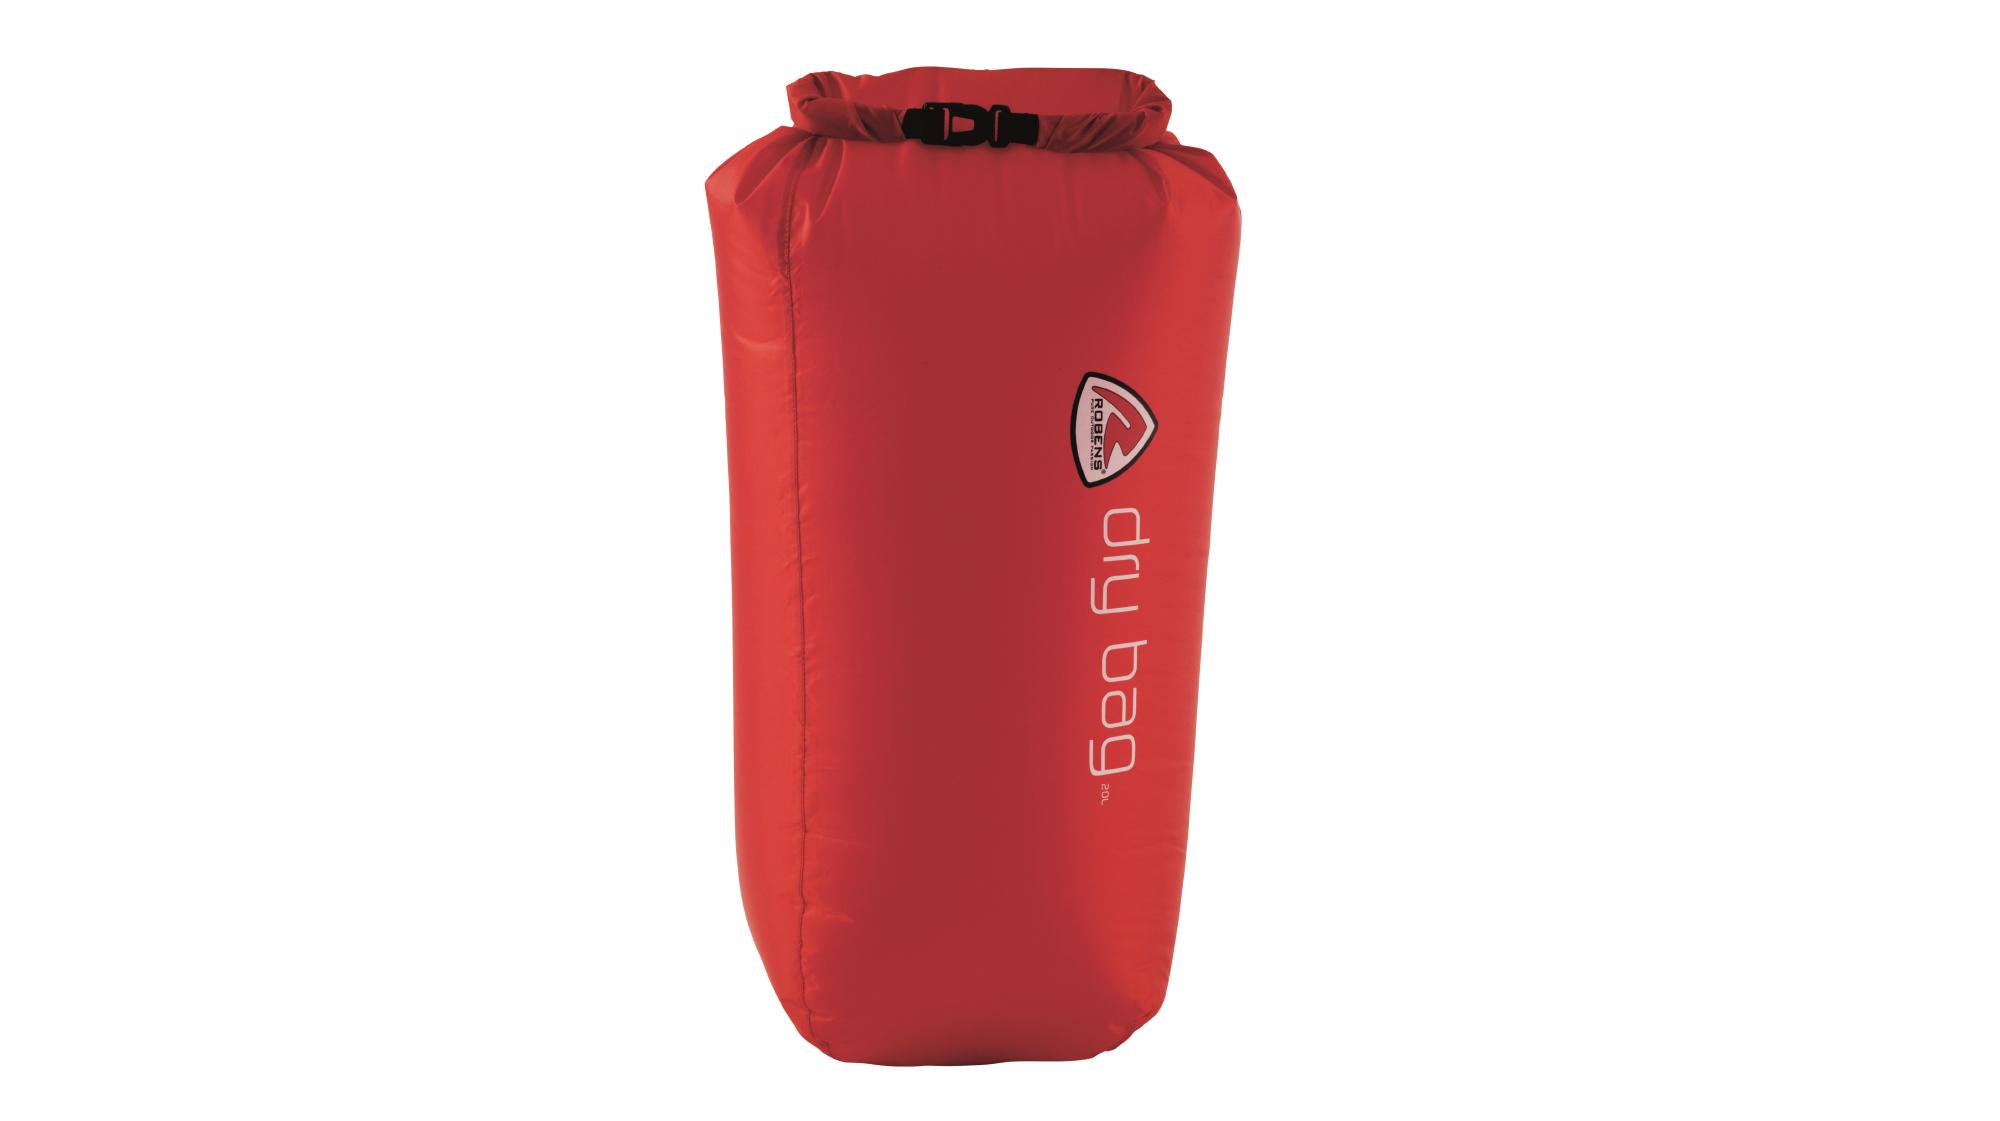 Robens - Vandtæt dry bag - 20 liter - Rød   Travel bags